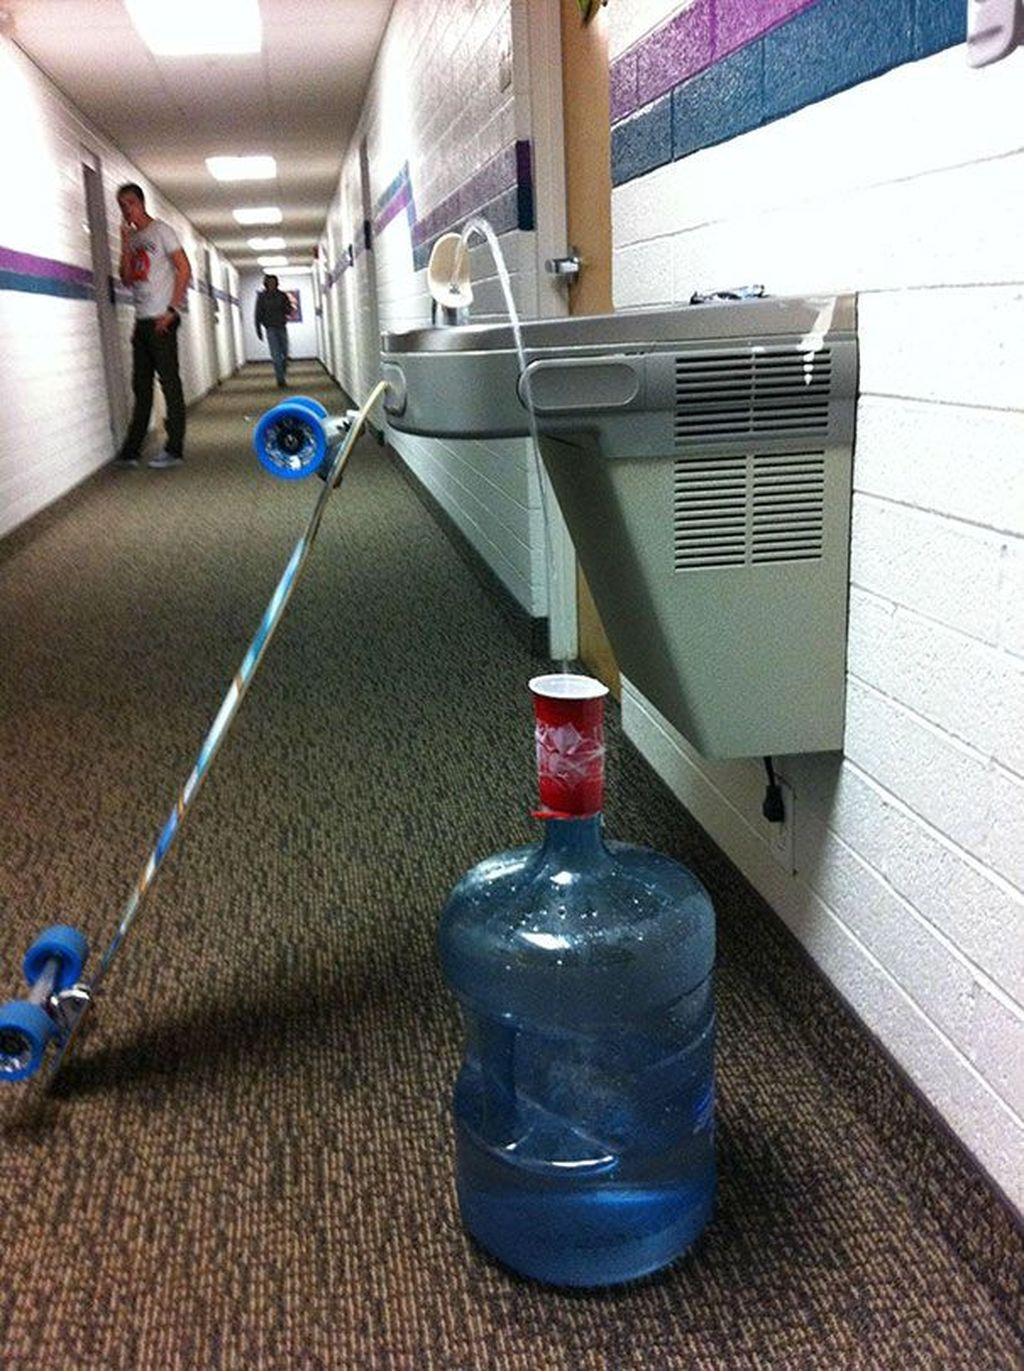 DI luar negeri, air keran bisa diminum gratis. Buat menghemat, mahasiswa ini mengangkut air banyak dalam galon. Foto: boredpanda